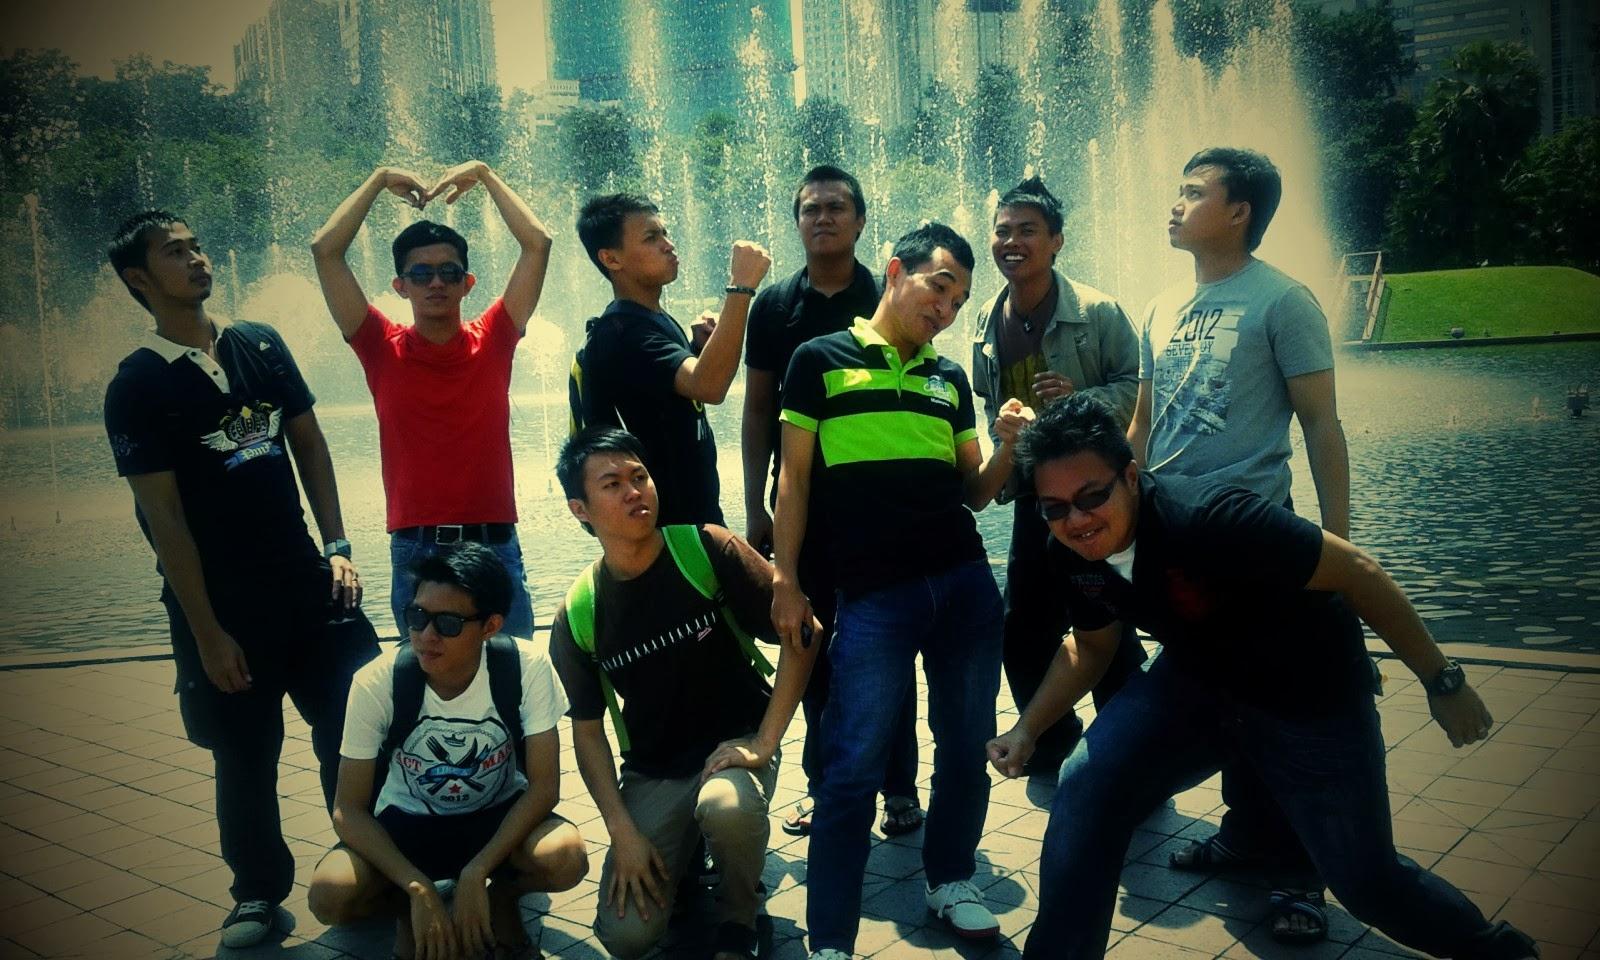 ACO'S GROUP